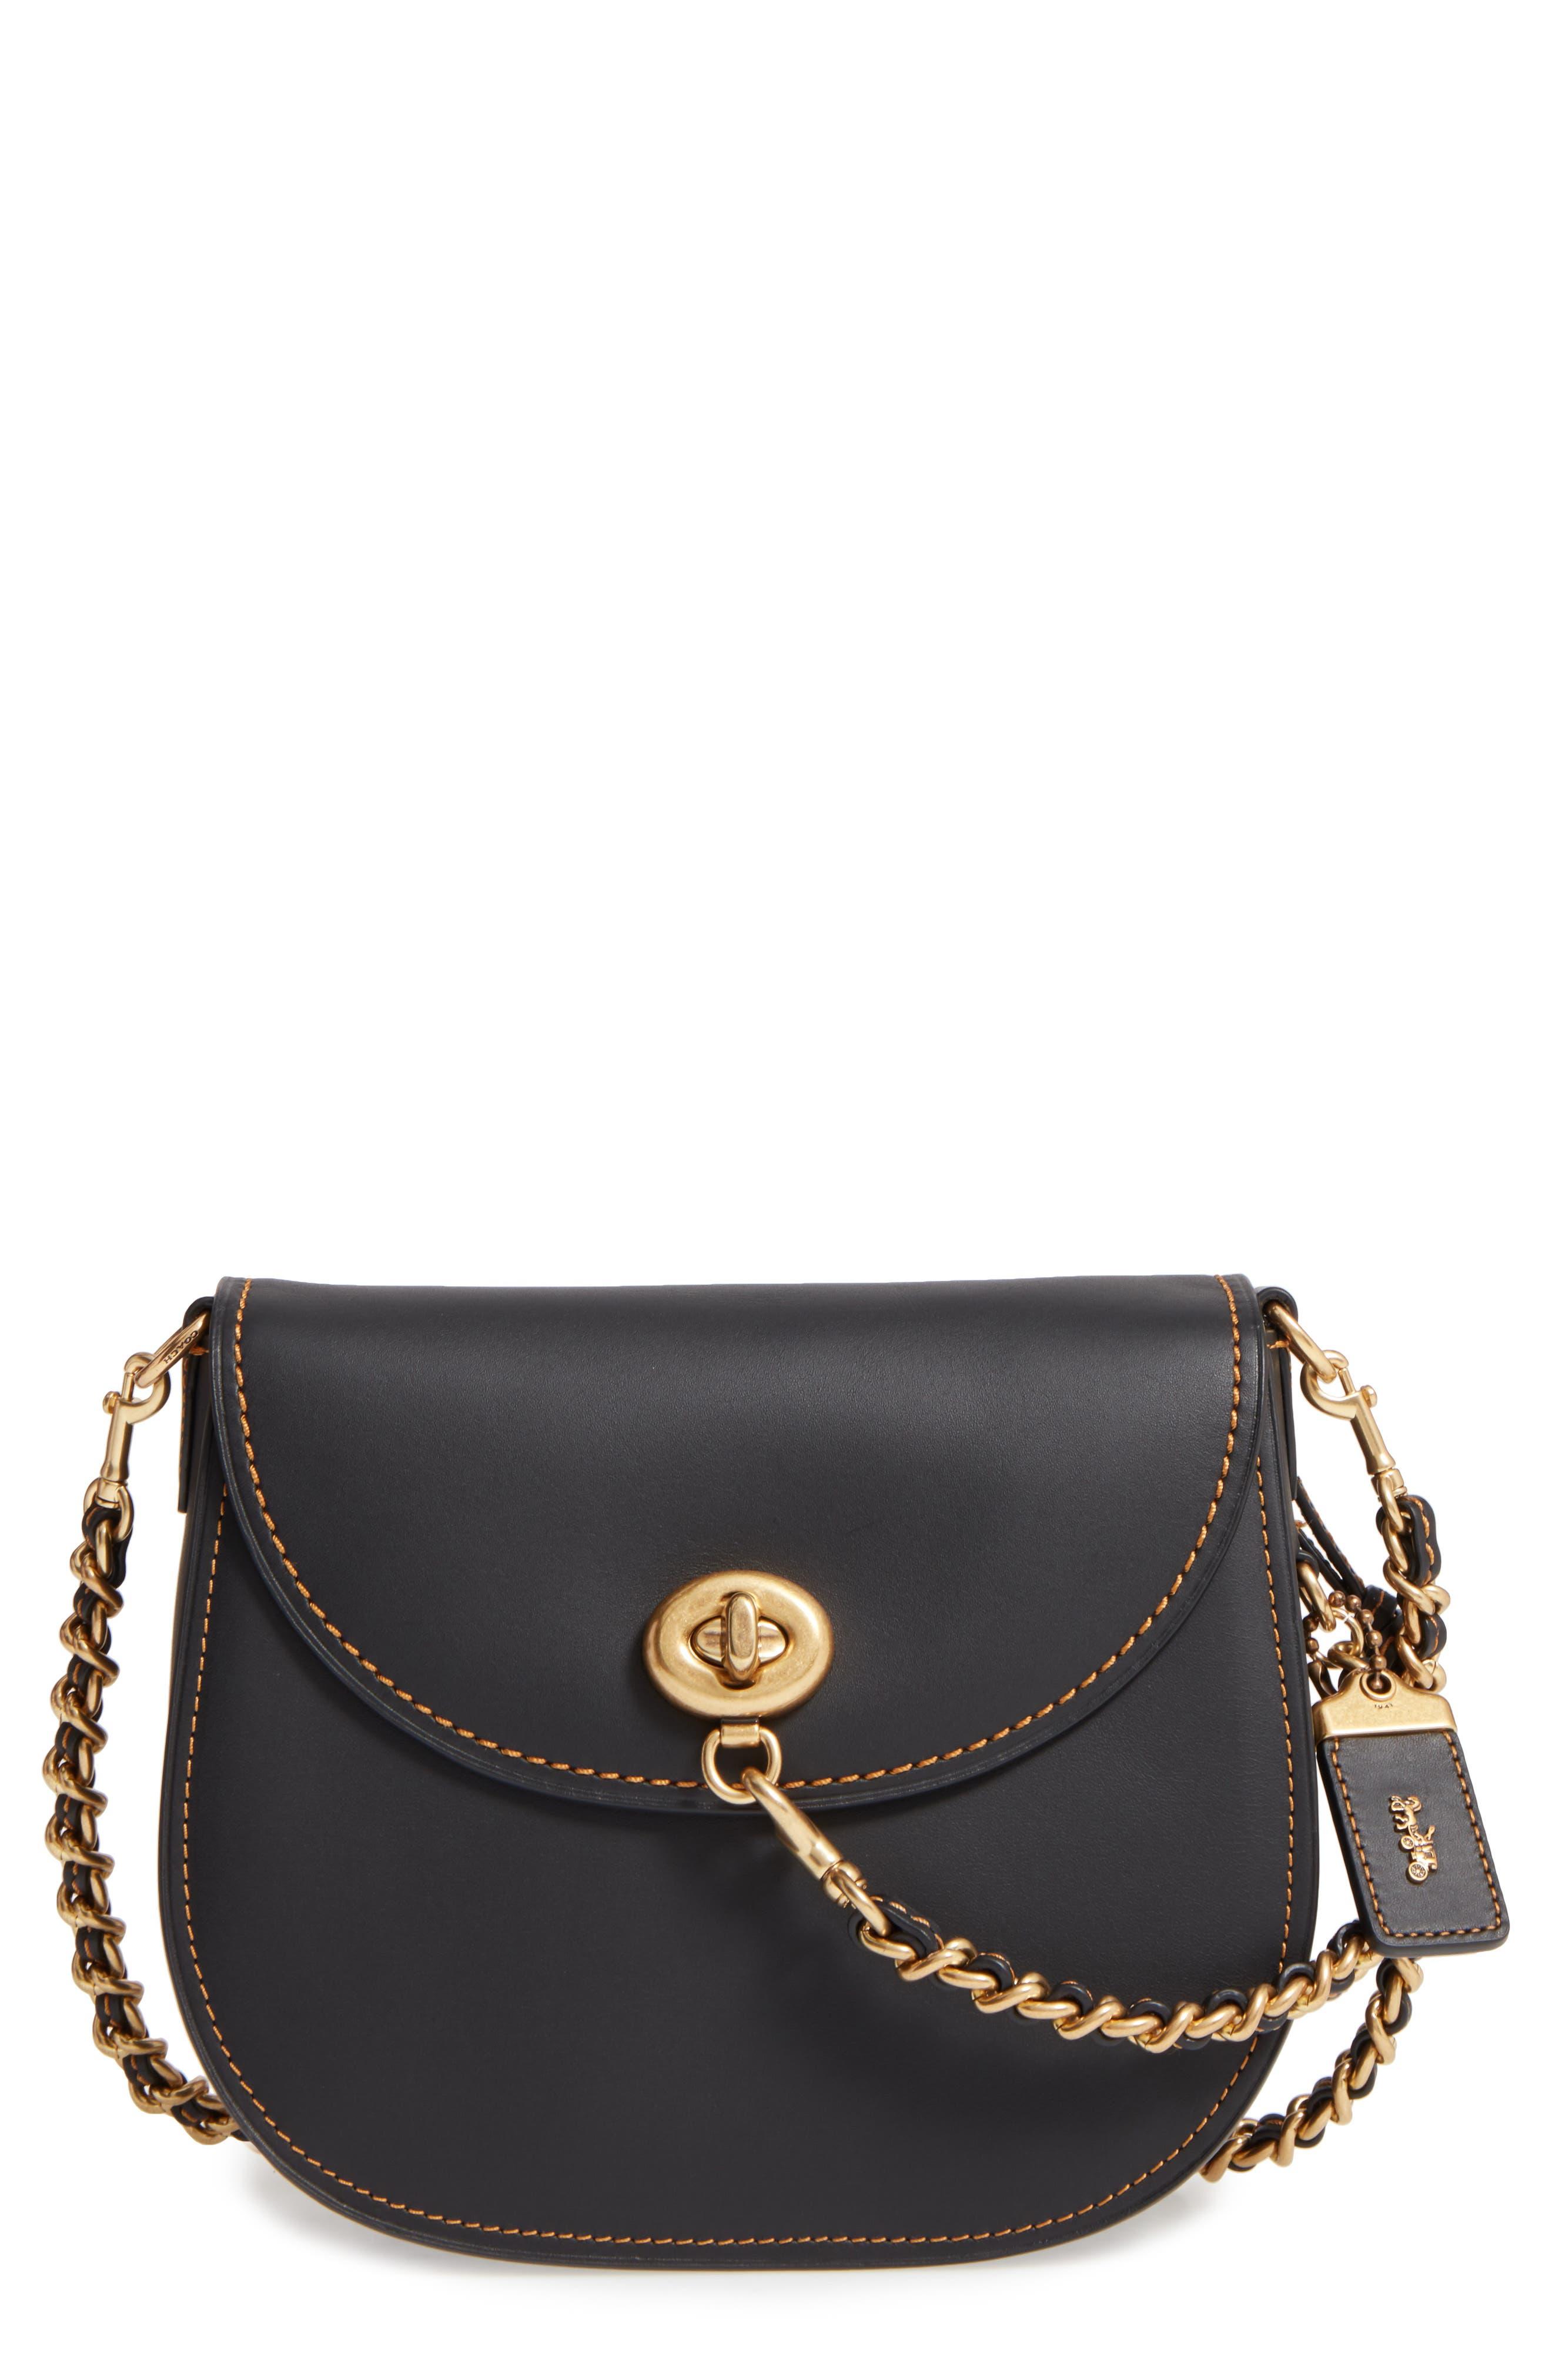 COACH 1941 Leather Saddle Bag